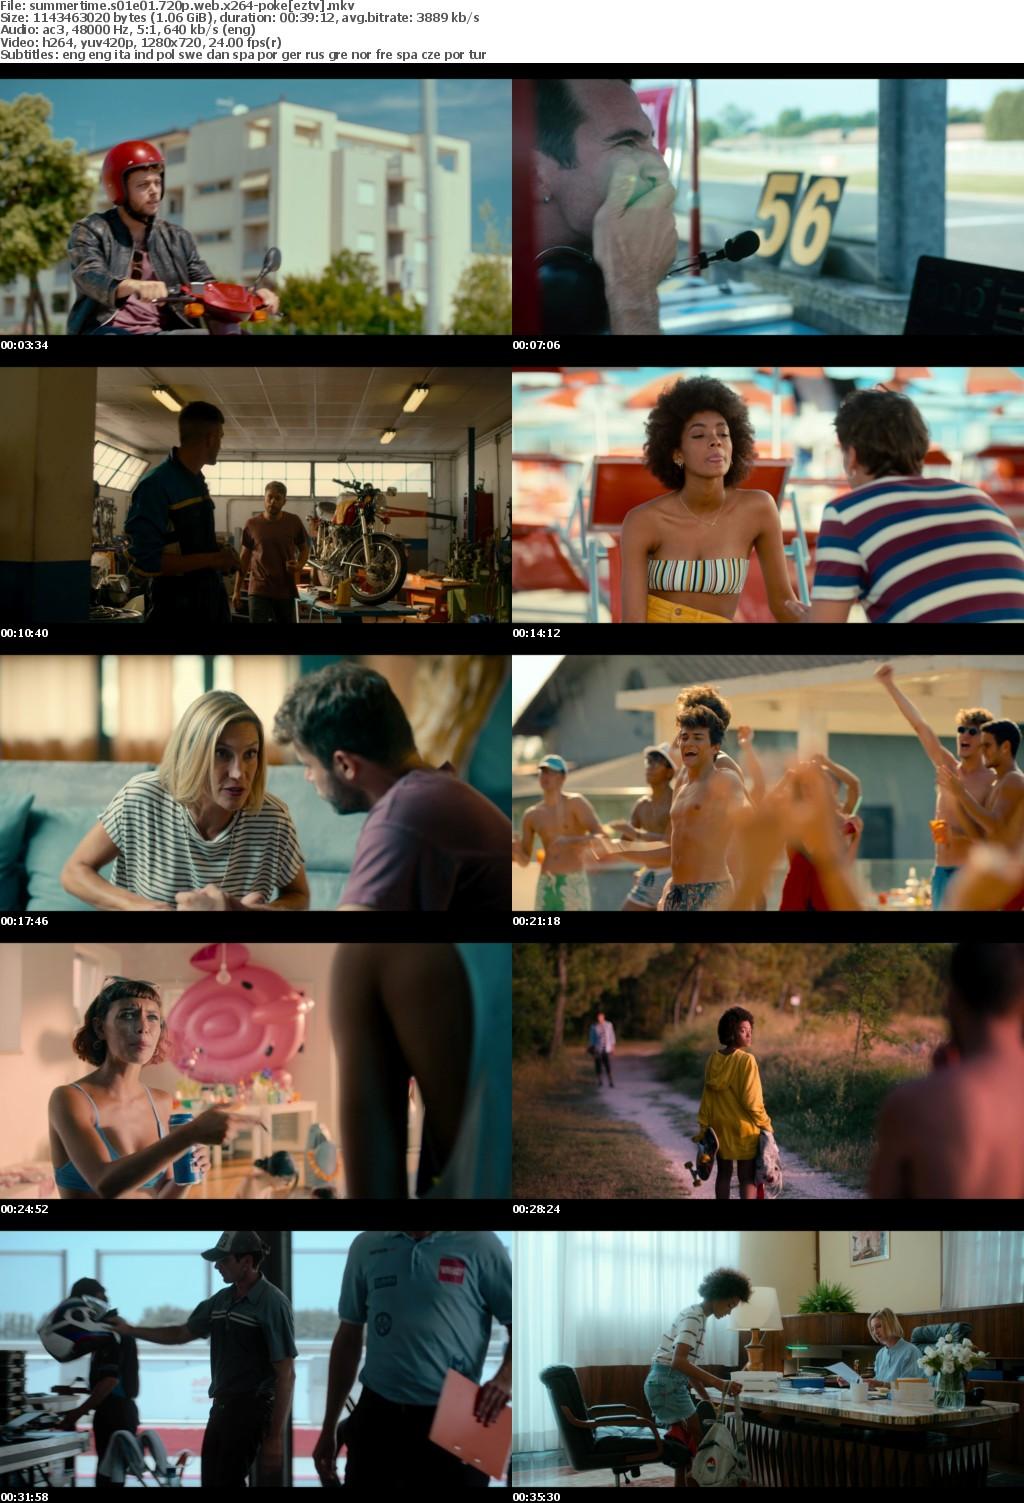 Summertime S01E01 720P WEB X264-POKE